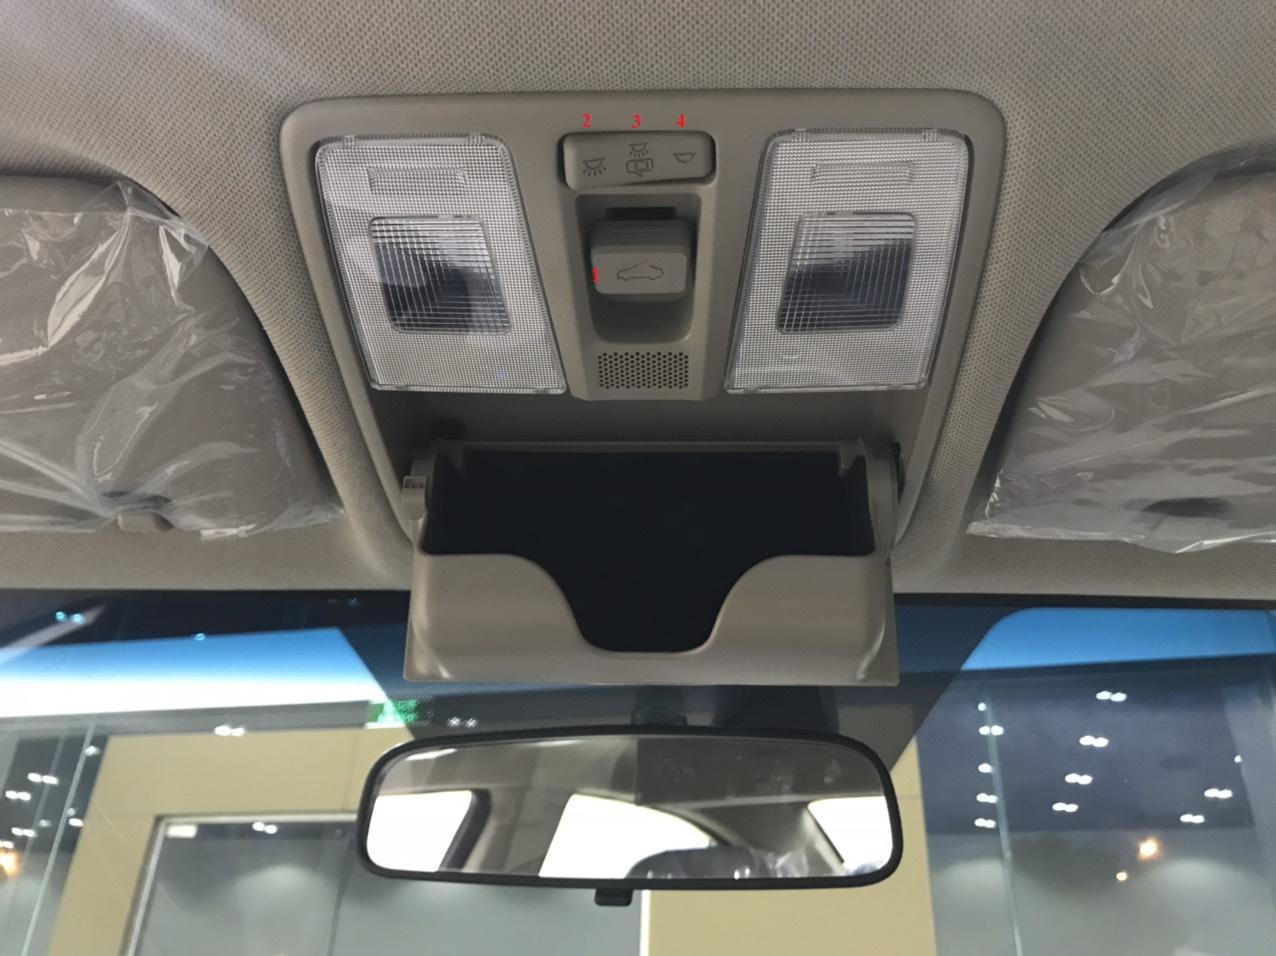 Hình Ảnh Hướng dẫn sử dụng xe Hyundai Accent cho người mới (model 2021) 17